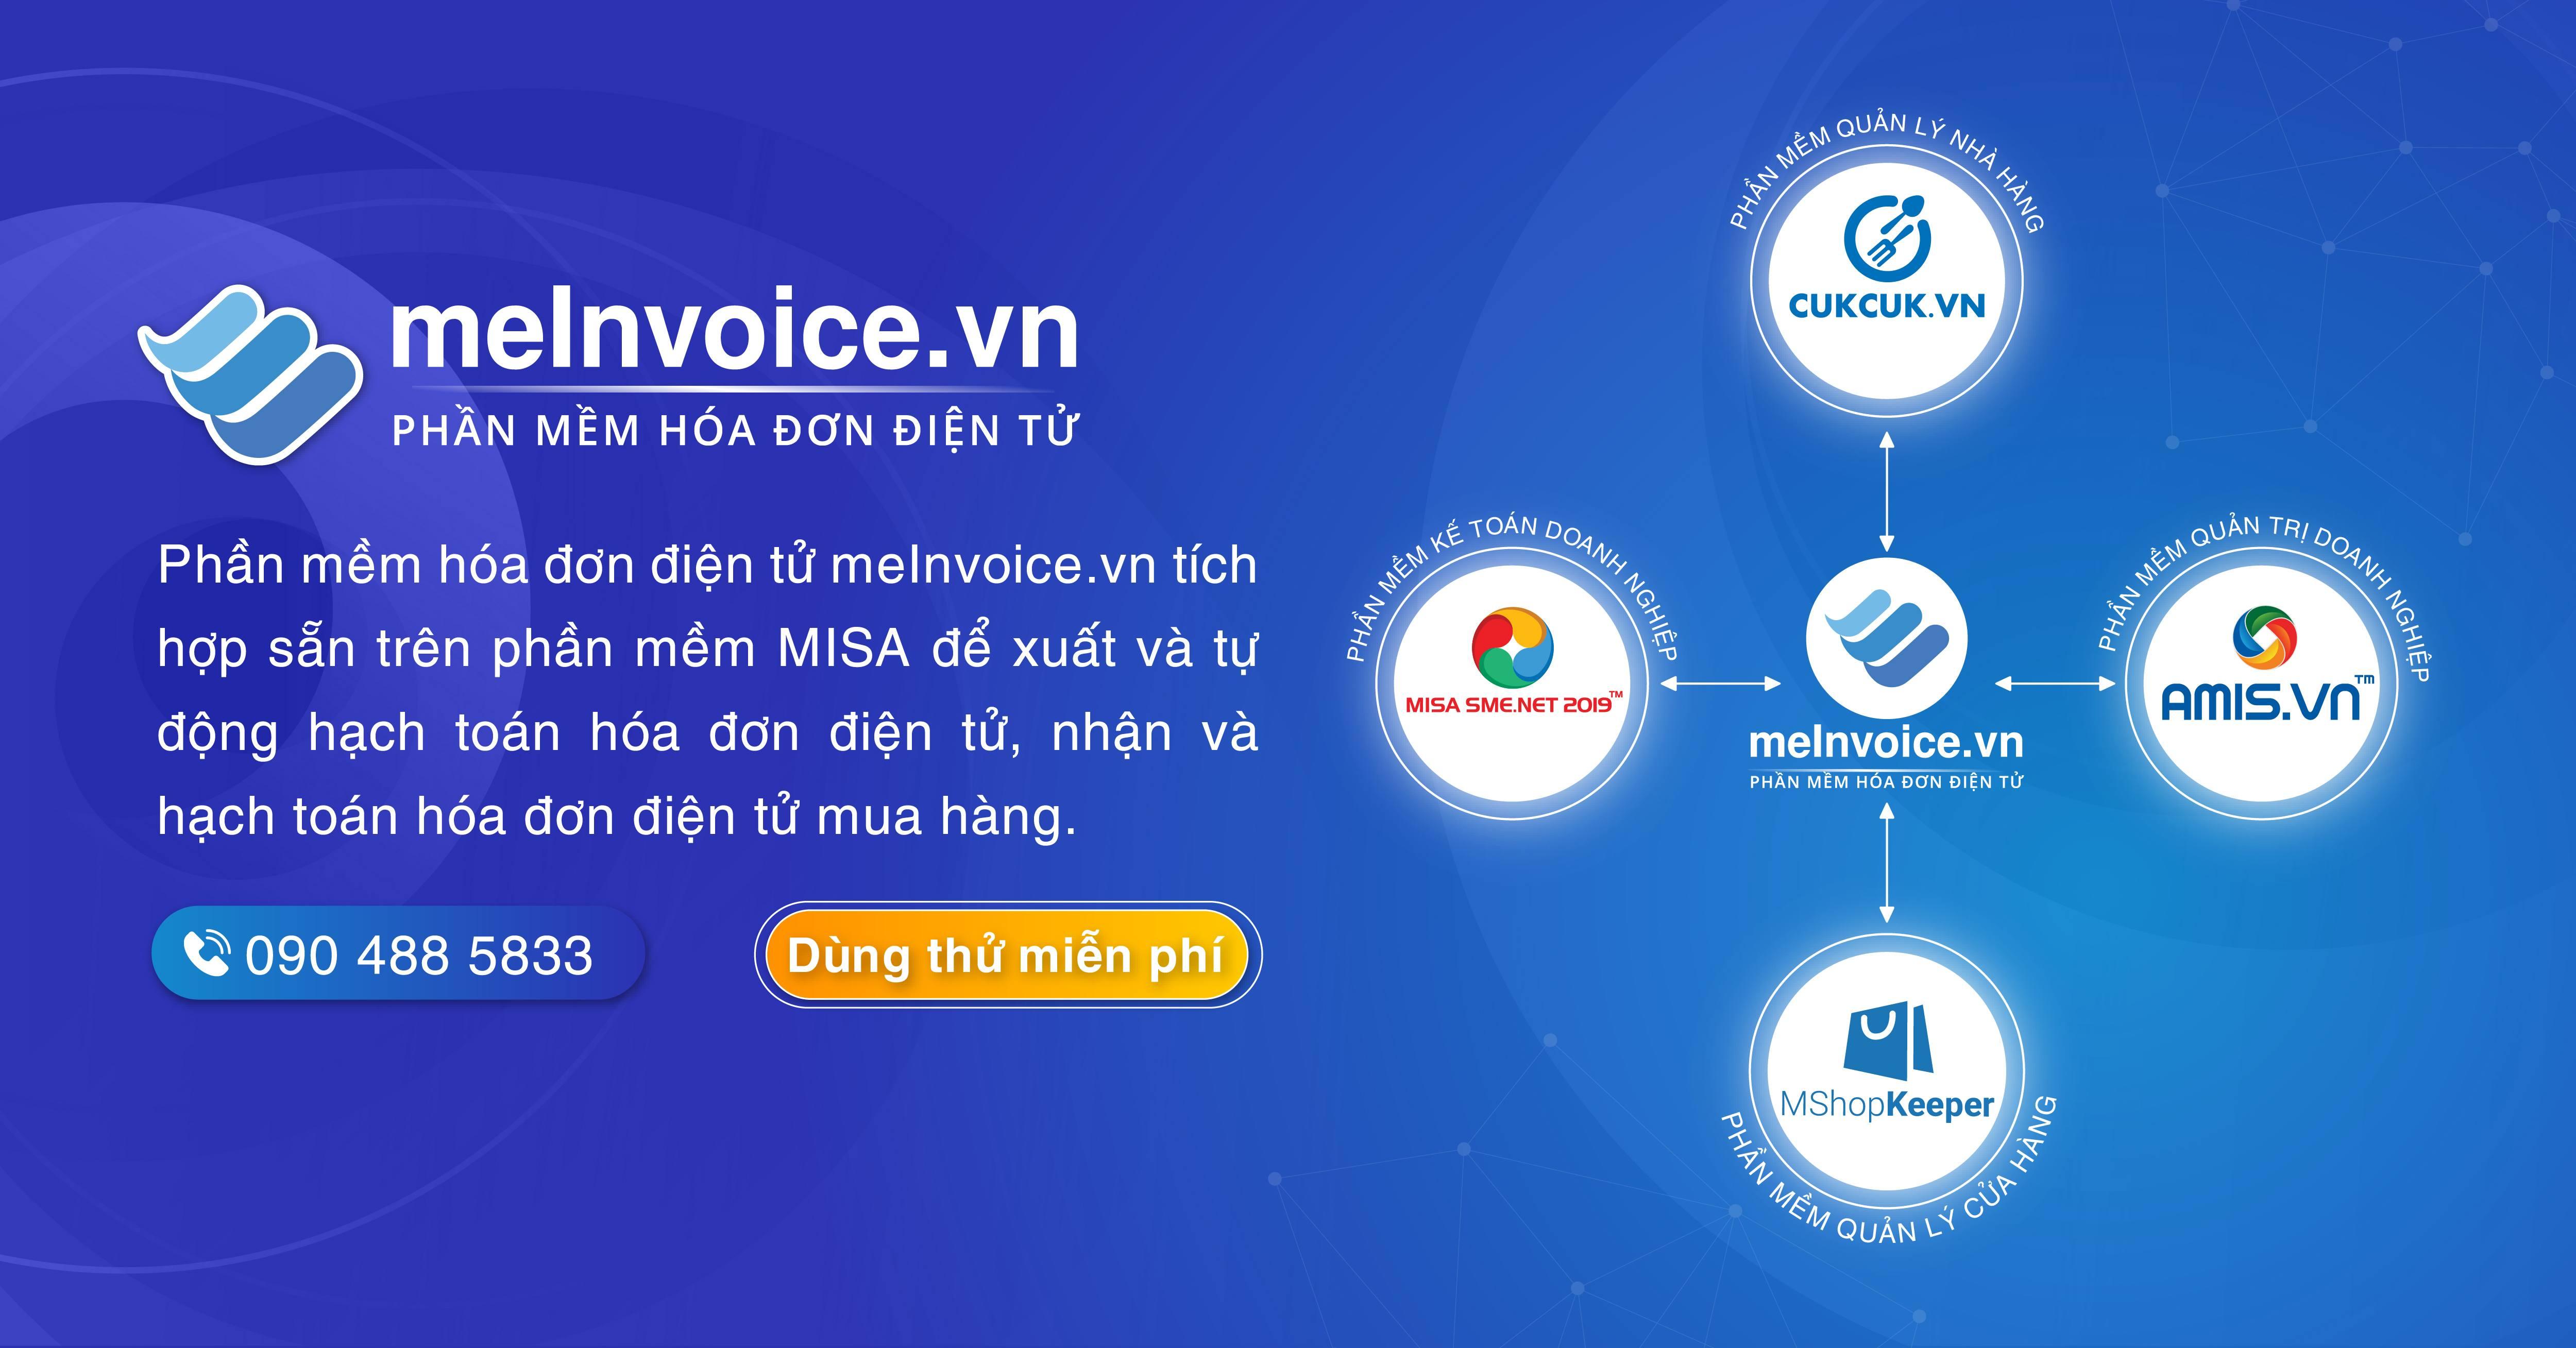 Phần mềm hóa đơn điện tử MISA meInvoice được tích hợp sẵn trên phần mềm MISA